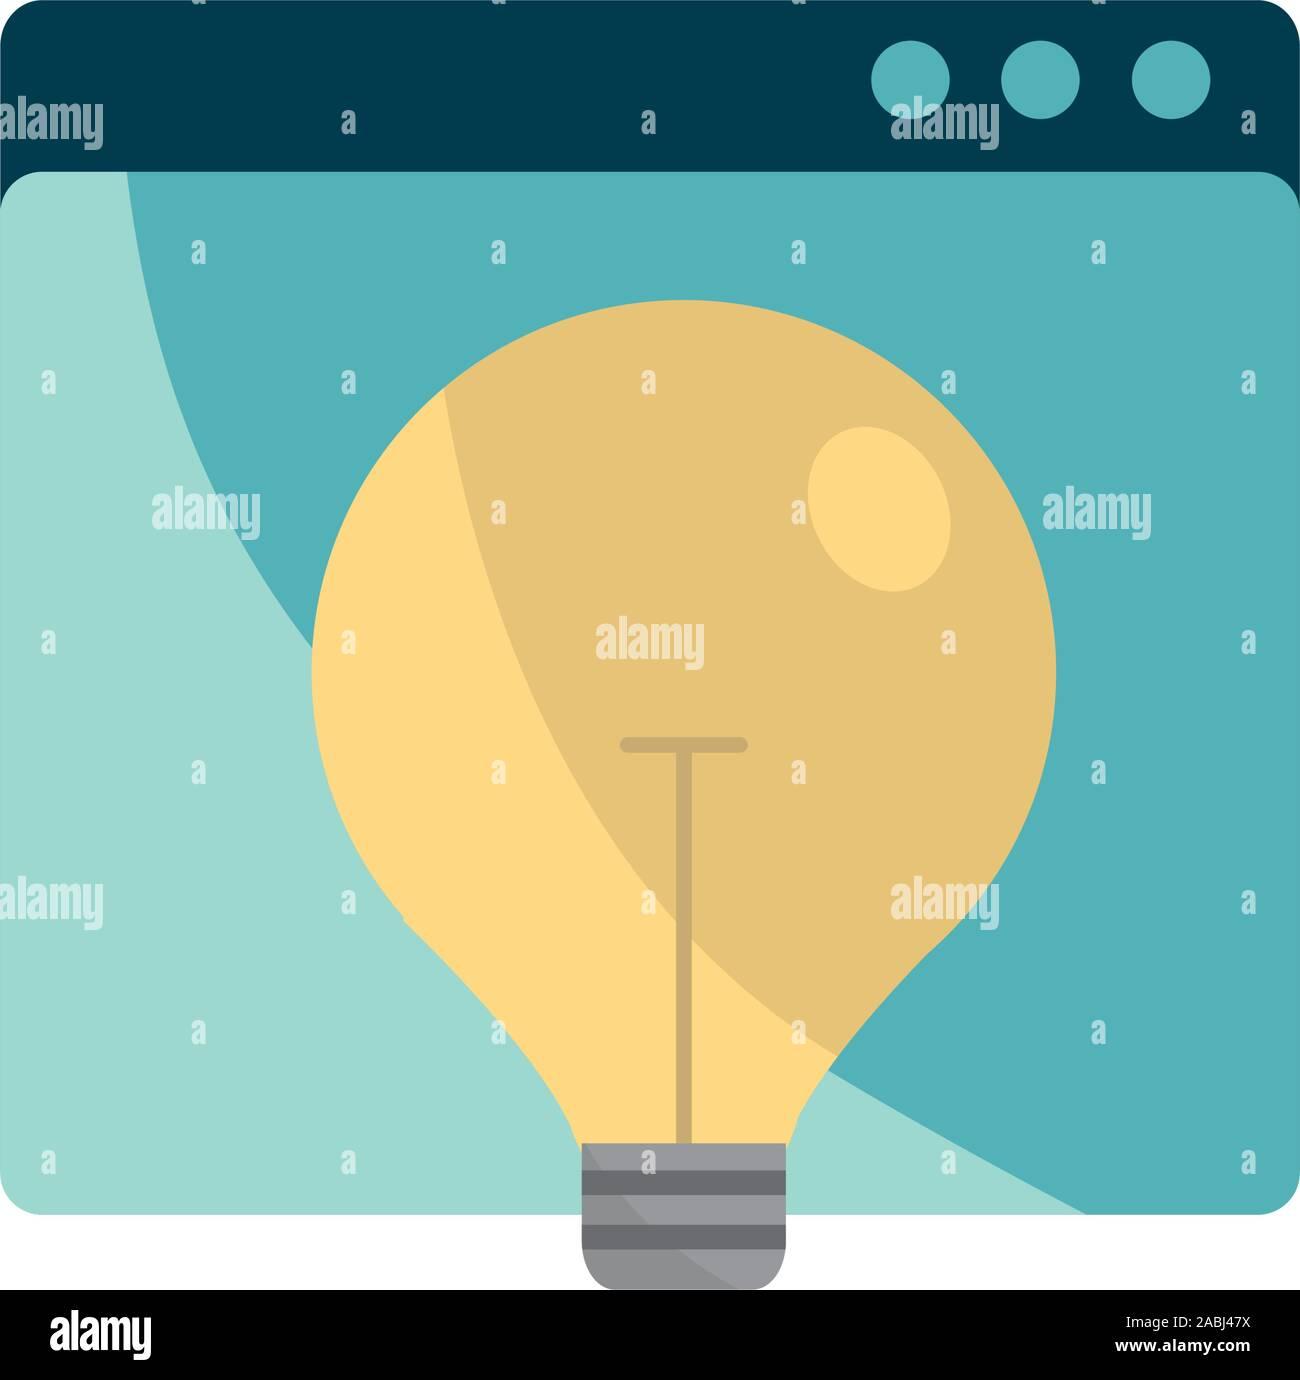 Sitio web creatividad propiedad intelectual copyright icono ilustración vectorial Ilustración del Vector